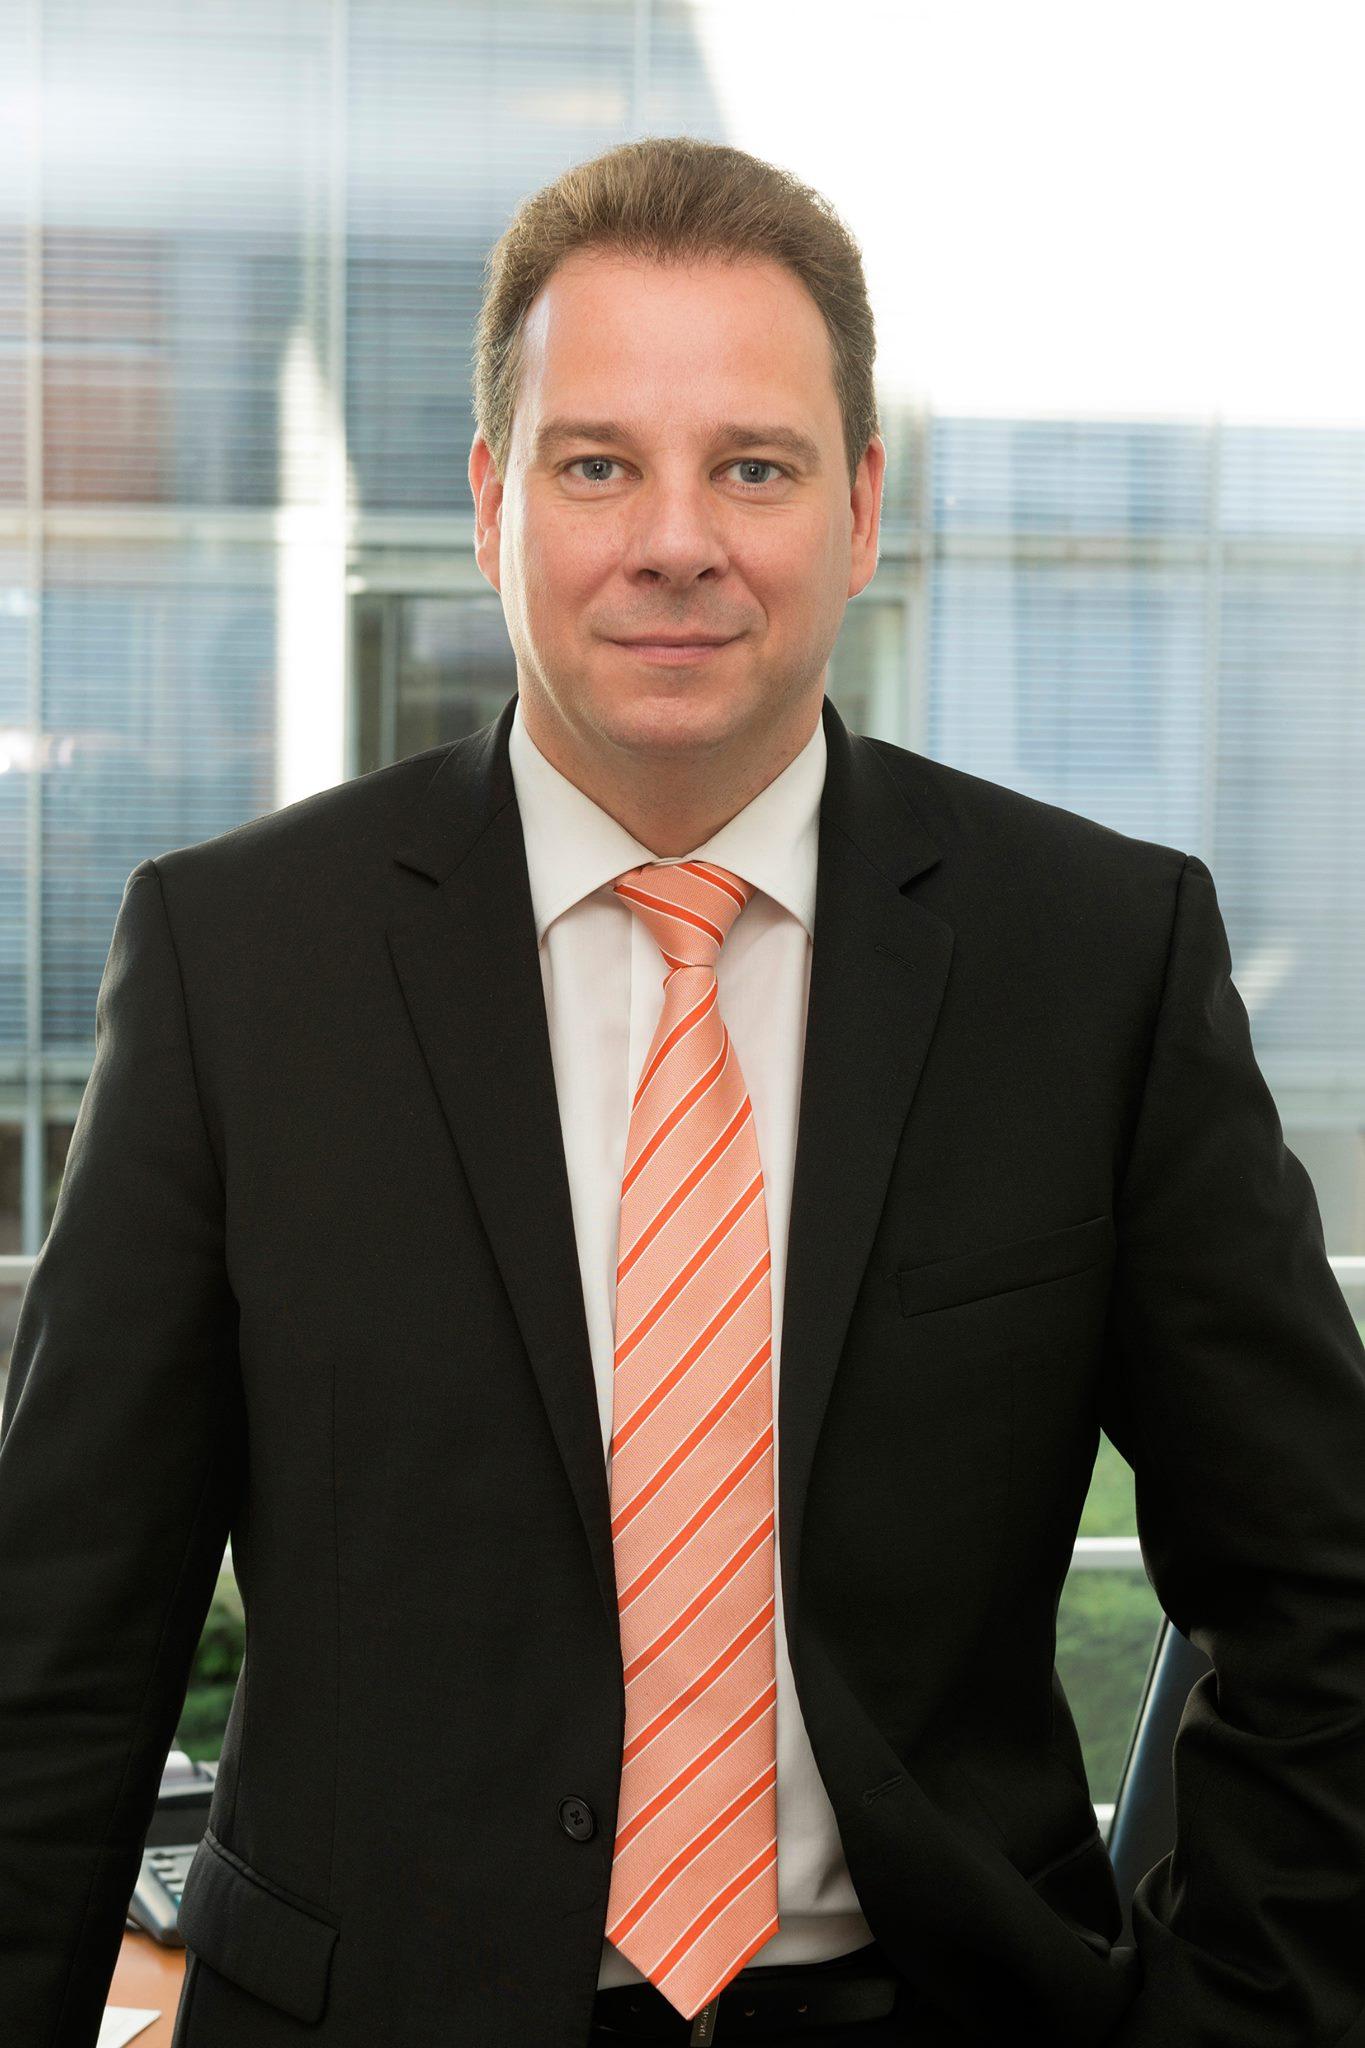 Andreas Mattfeldt Fenster